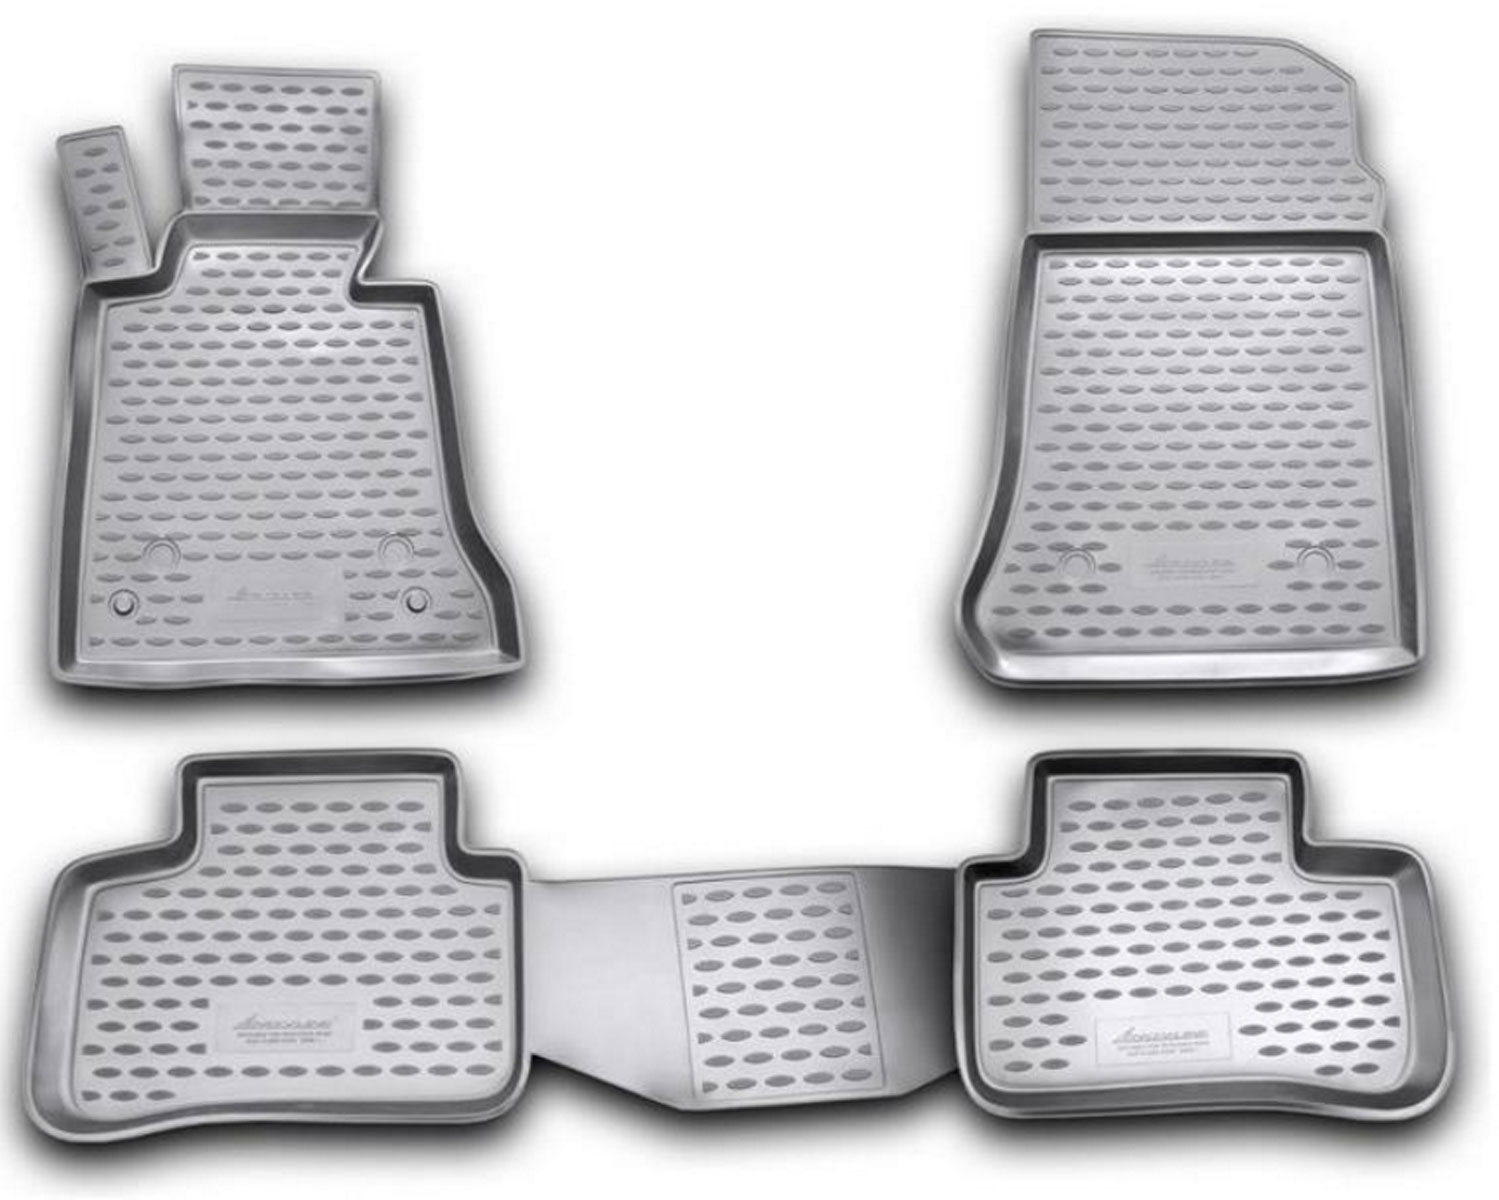 Коврики в салон автомобиля Novline-Autofamily для Mercedes-Benz GLK x204, 2008 -, 4 штАксион Т-33Коврики Novline-Autofamily улучшат внешний вид салона автомобиля и надежно уберегут его от пыли, грязи и сырости, а значит, защитят кузов от коррозии. Полиуретановые коврики гладкие, приятные и не пропускает влагу. Полиуретановые автомобильные коврики произведены из высококачественного материала, который держит форму и не пачкает обувь. Коврики надежно крепятся на полу и не скользят, что очень важно во время движения, особенно для водителя. Изделия из полиуретана надежно удерживают грязь и влагу, при этом всегда выглядят довольно опрятно. И чистятся они очень просто: как при помощи автомобильного пылесоса, так и различными моющими средствами.